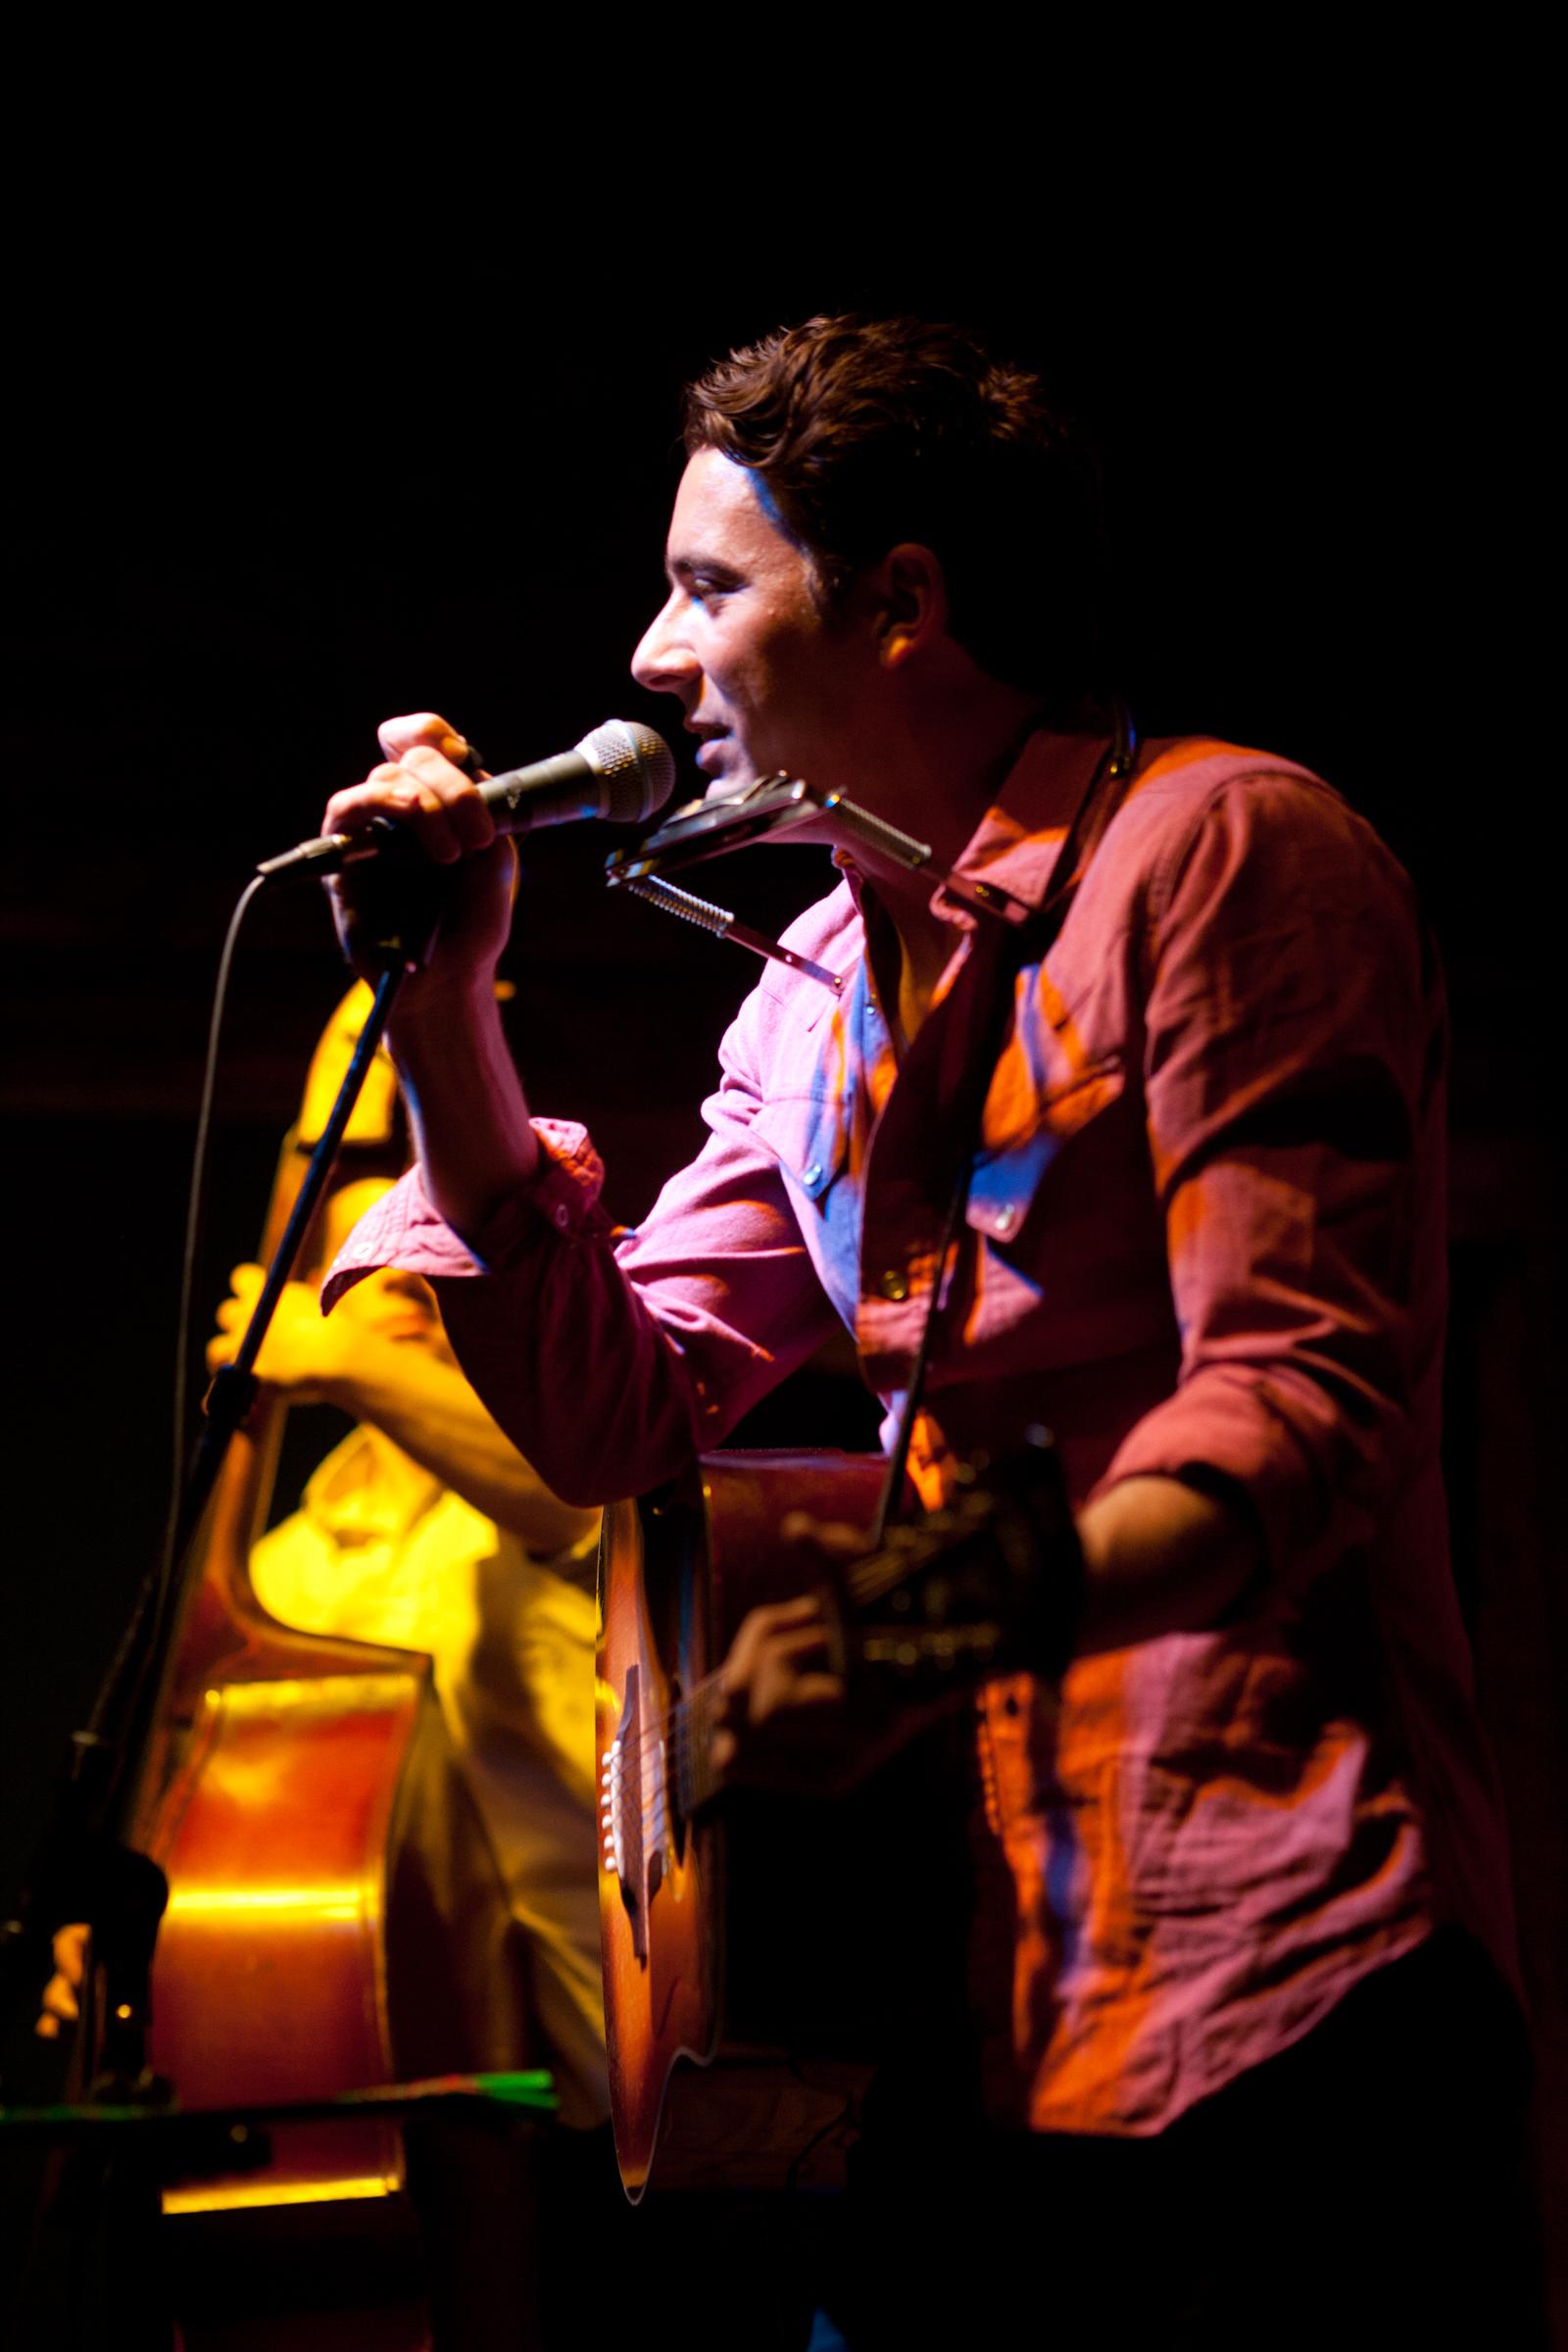 photo credit: Wesley Duffee-Braun, wesleyduffeebraun.com